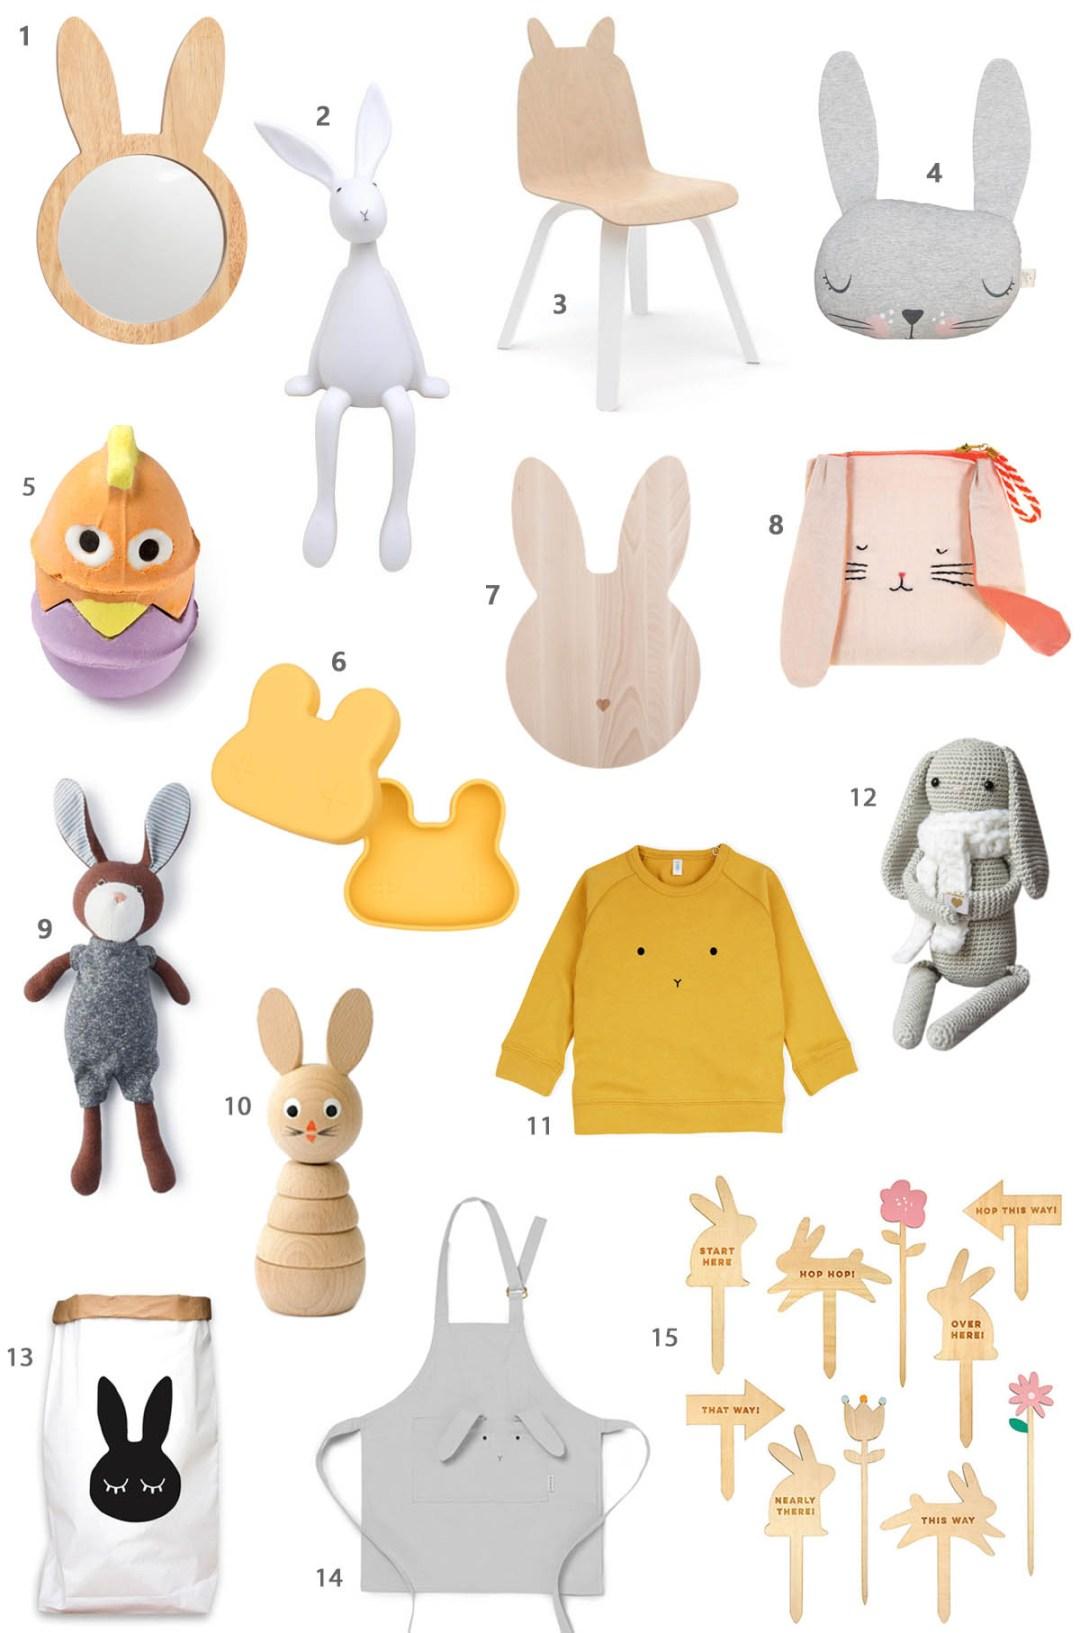 So viele Osterhasen! Das sind unsere Liebdinge zu Ostern für Kinder #ostern #osterhase #hase #accessoires